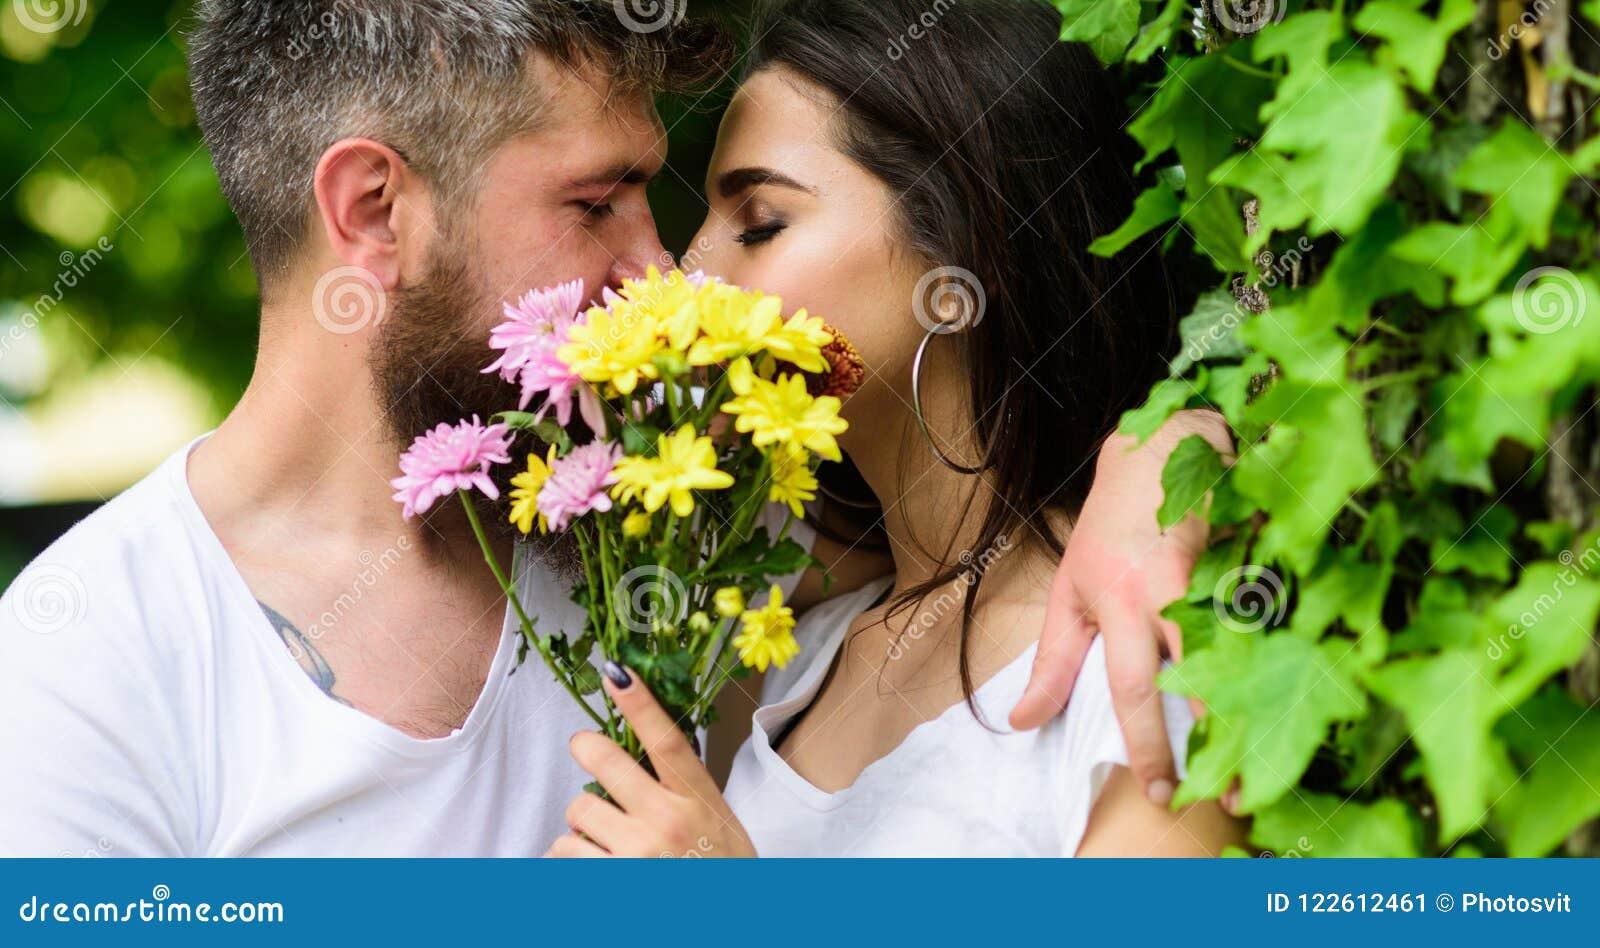 man bearded hipster kisses girlfriend secret romantic kiss love